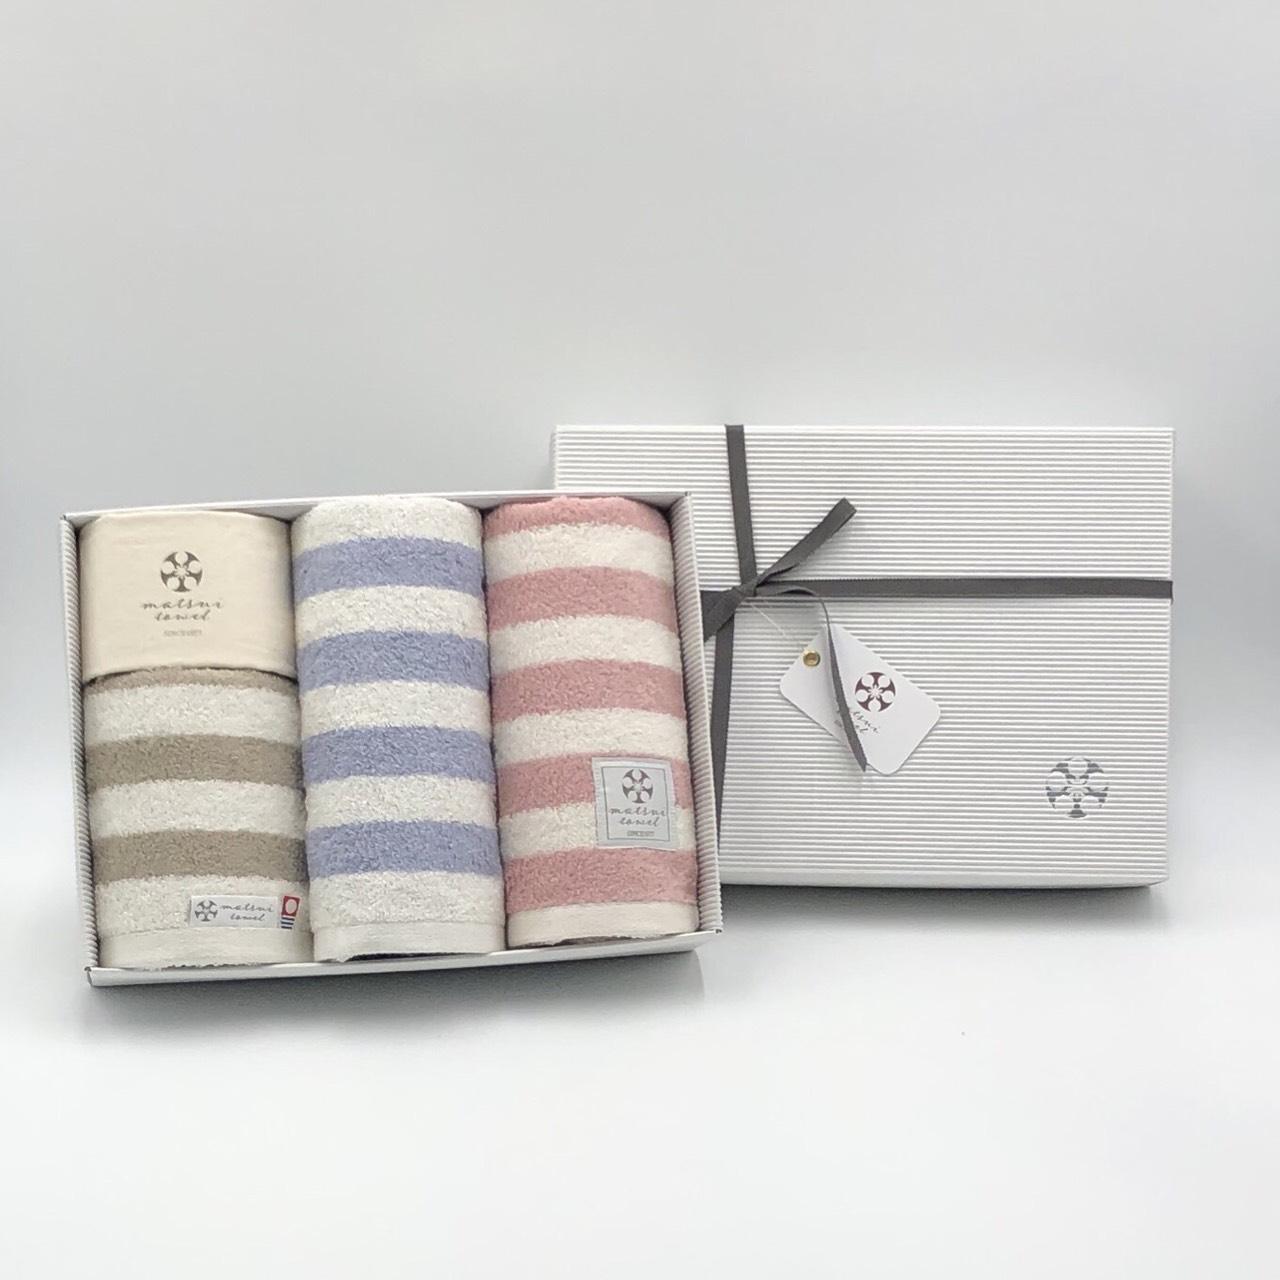 【ギフトボックス入り】スタイリッシュでカジュアルなボーダー柄タオル 引っ越し祝い 結婚祝い 贈答 日本製  フェイスタオル 各色1枚3枚組 布袋つき Chouchou シュシュ